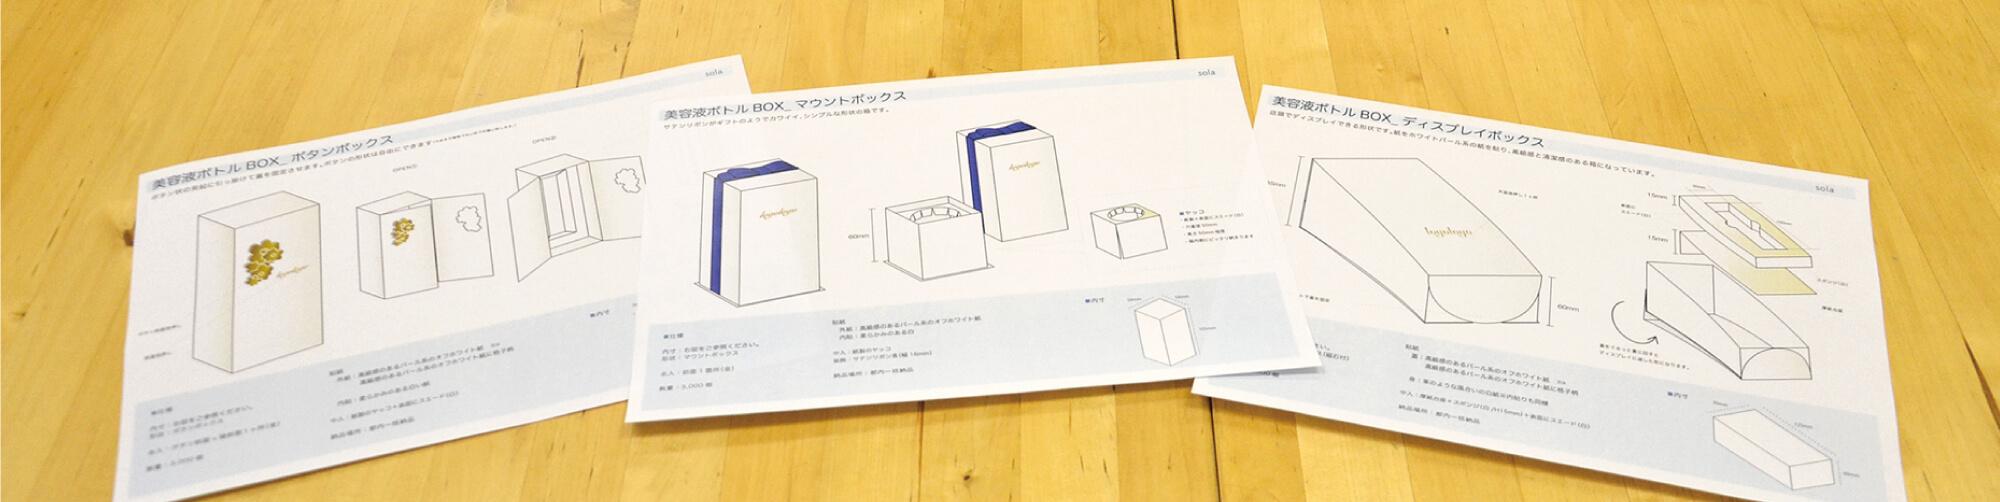 箱の提案書